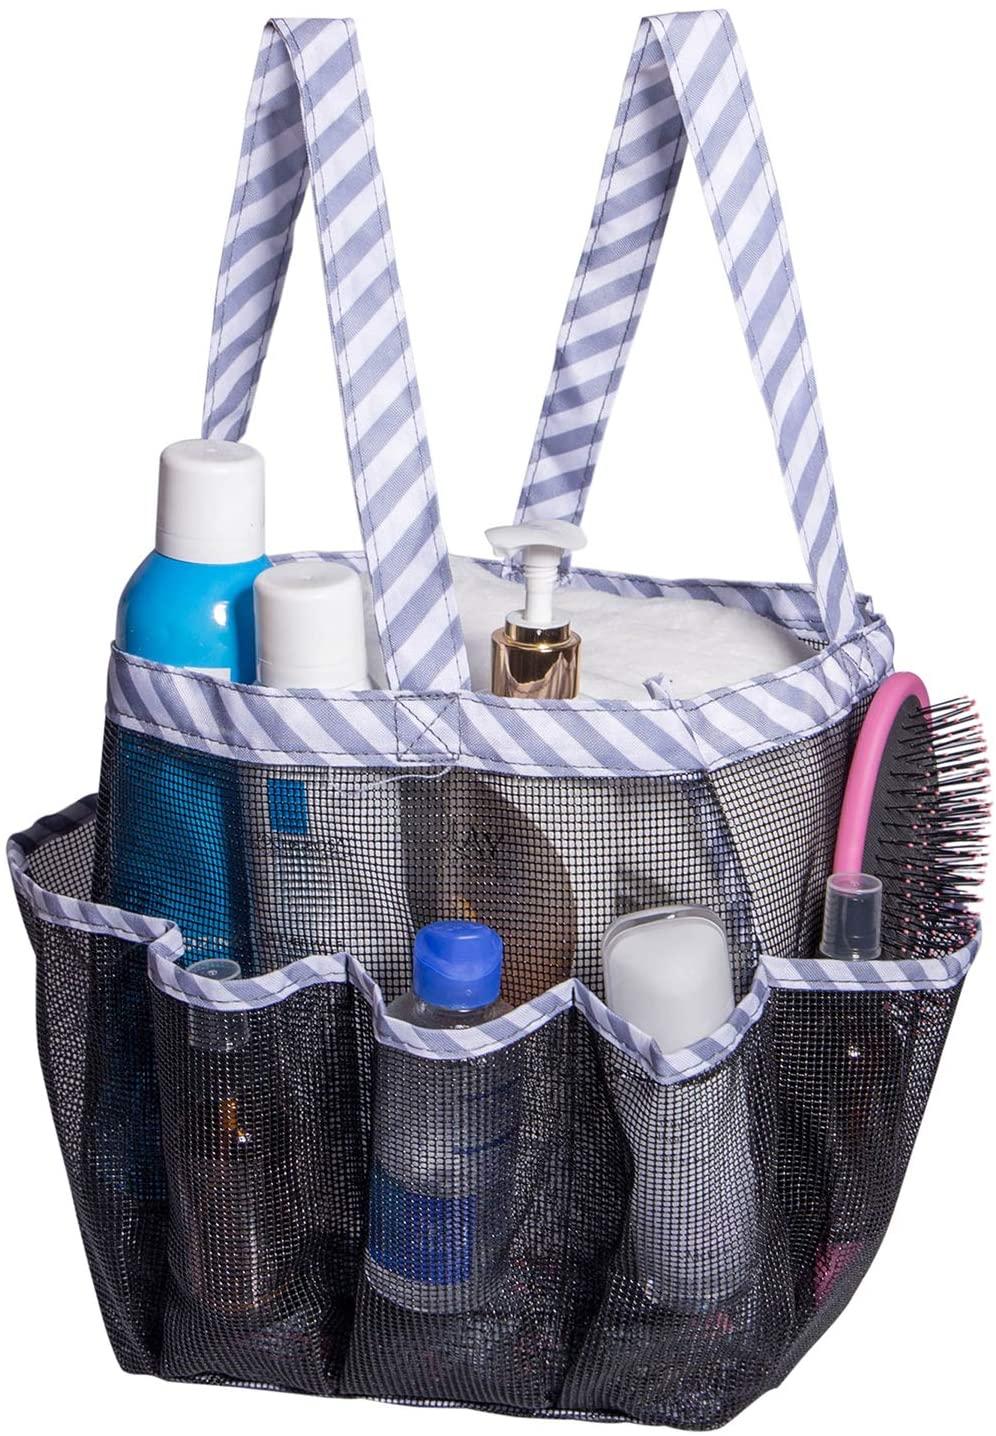 Attmu Portable Mesh Shower Caddy, College Dorm Essentials Bathroom Tote Bag